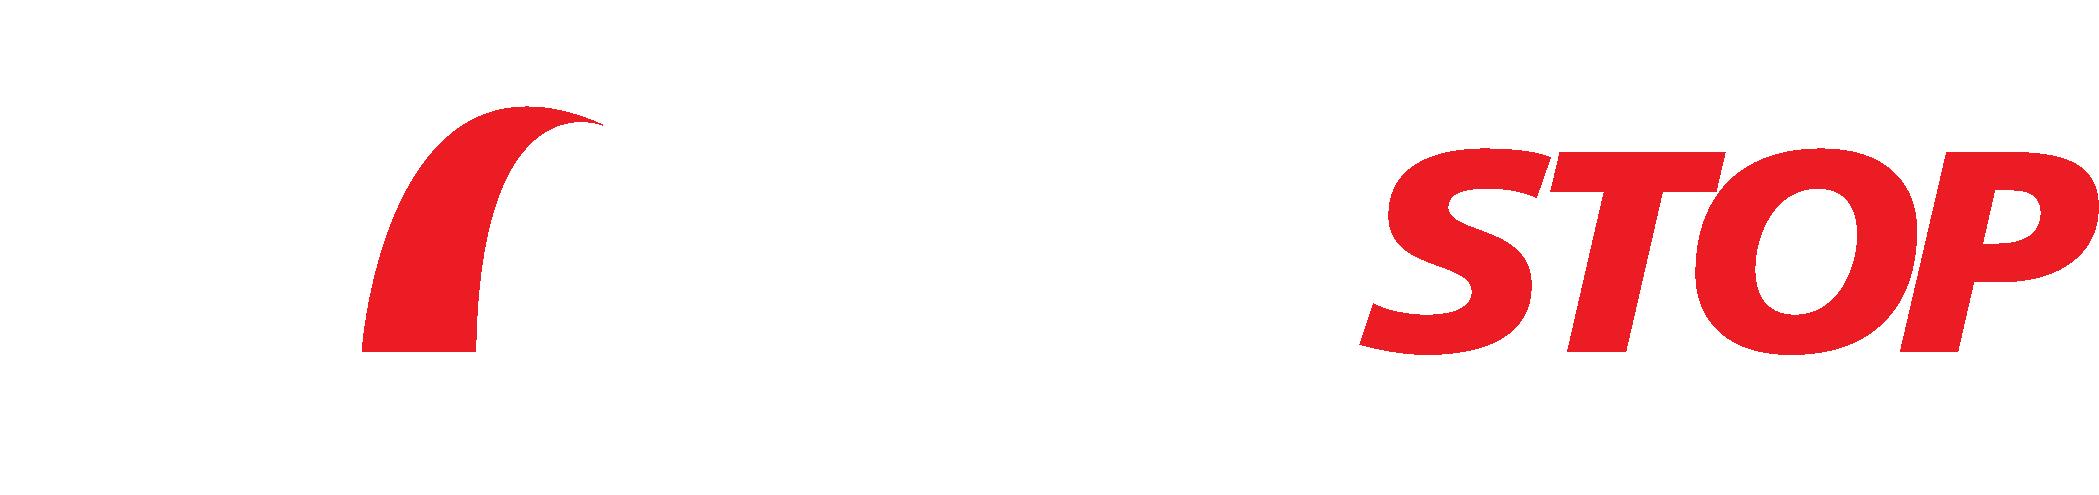 First Stop Jämsä